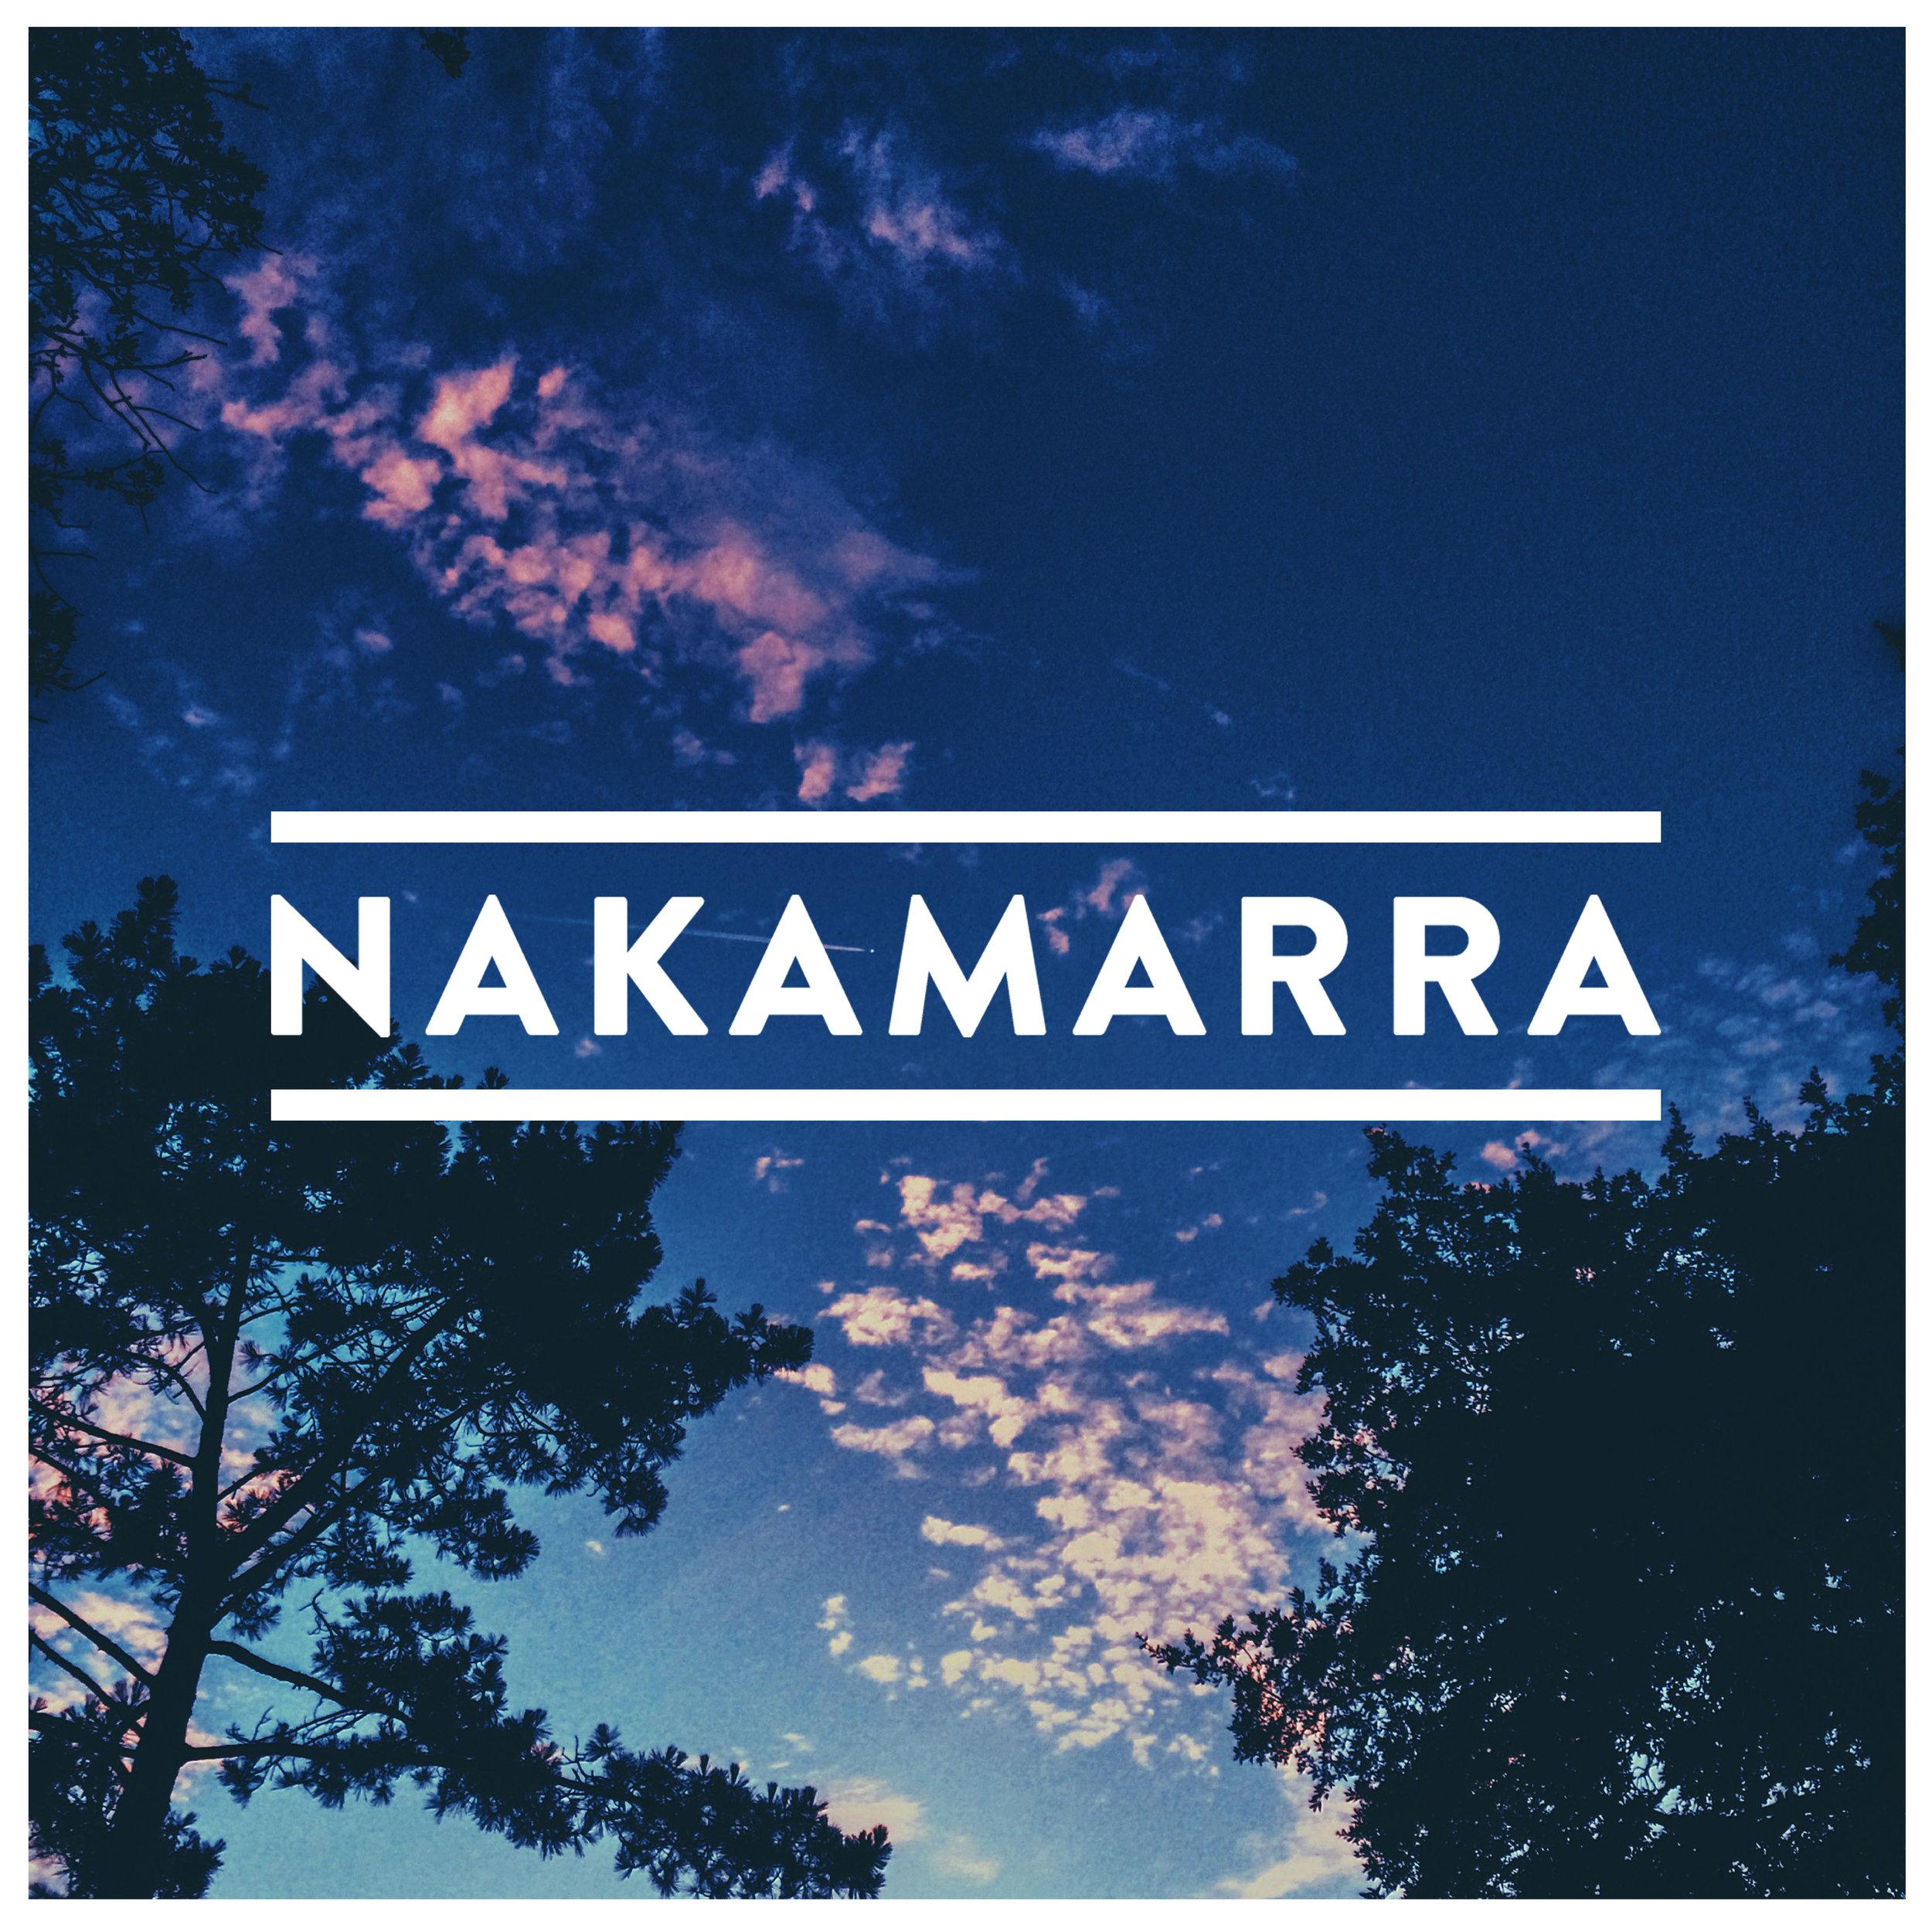 Nakamarra - Honey, I - artwork.jpg